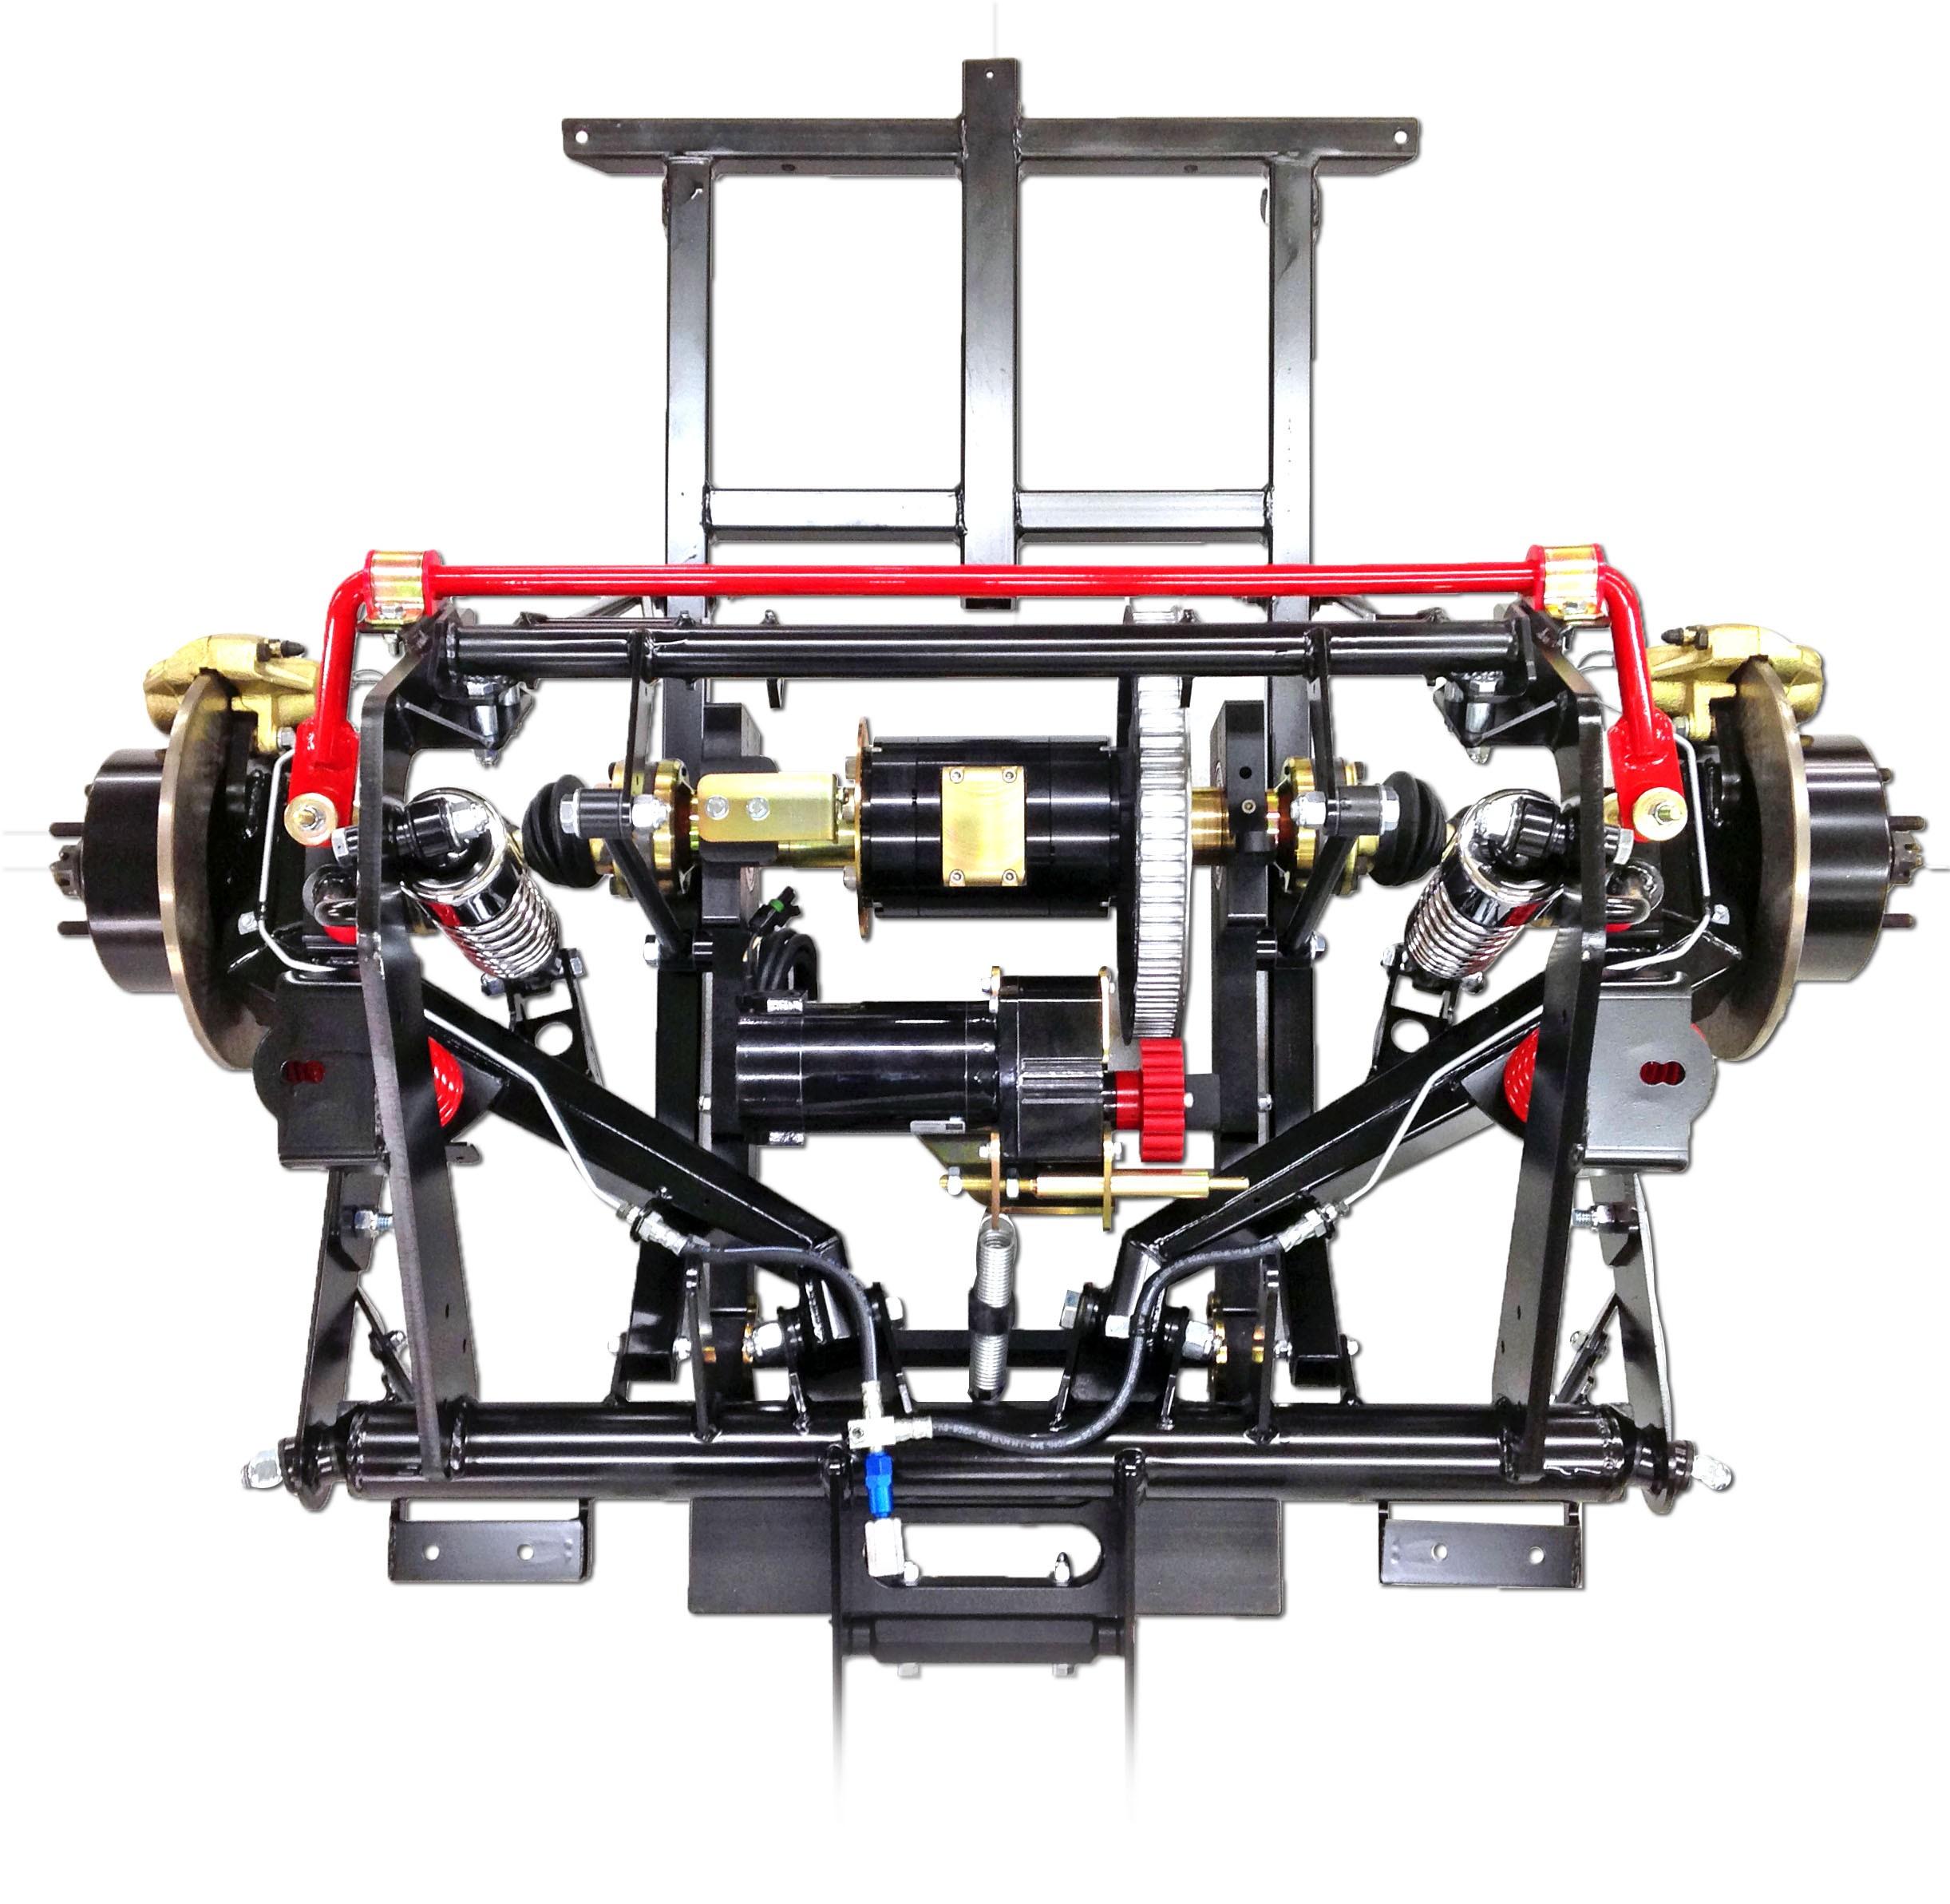 Independent Suspension Diagram Trikes Hdt Roadsmith Trikes Of Independent Suspension Diagram